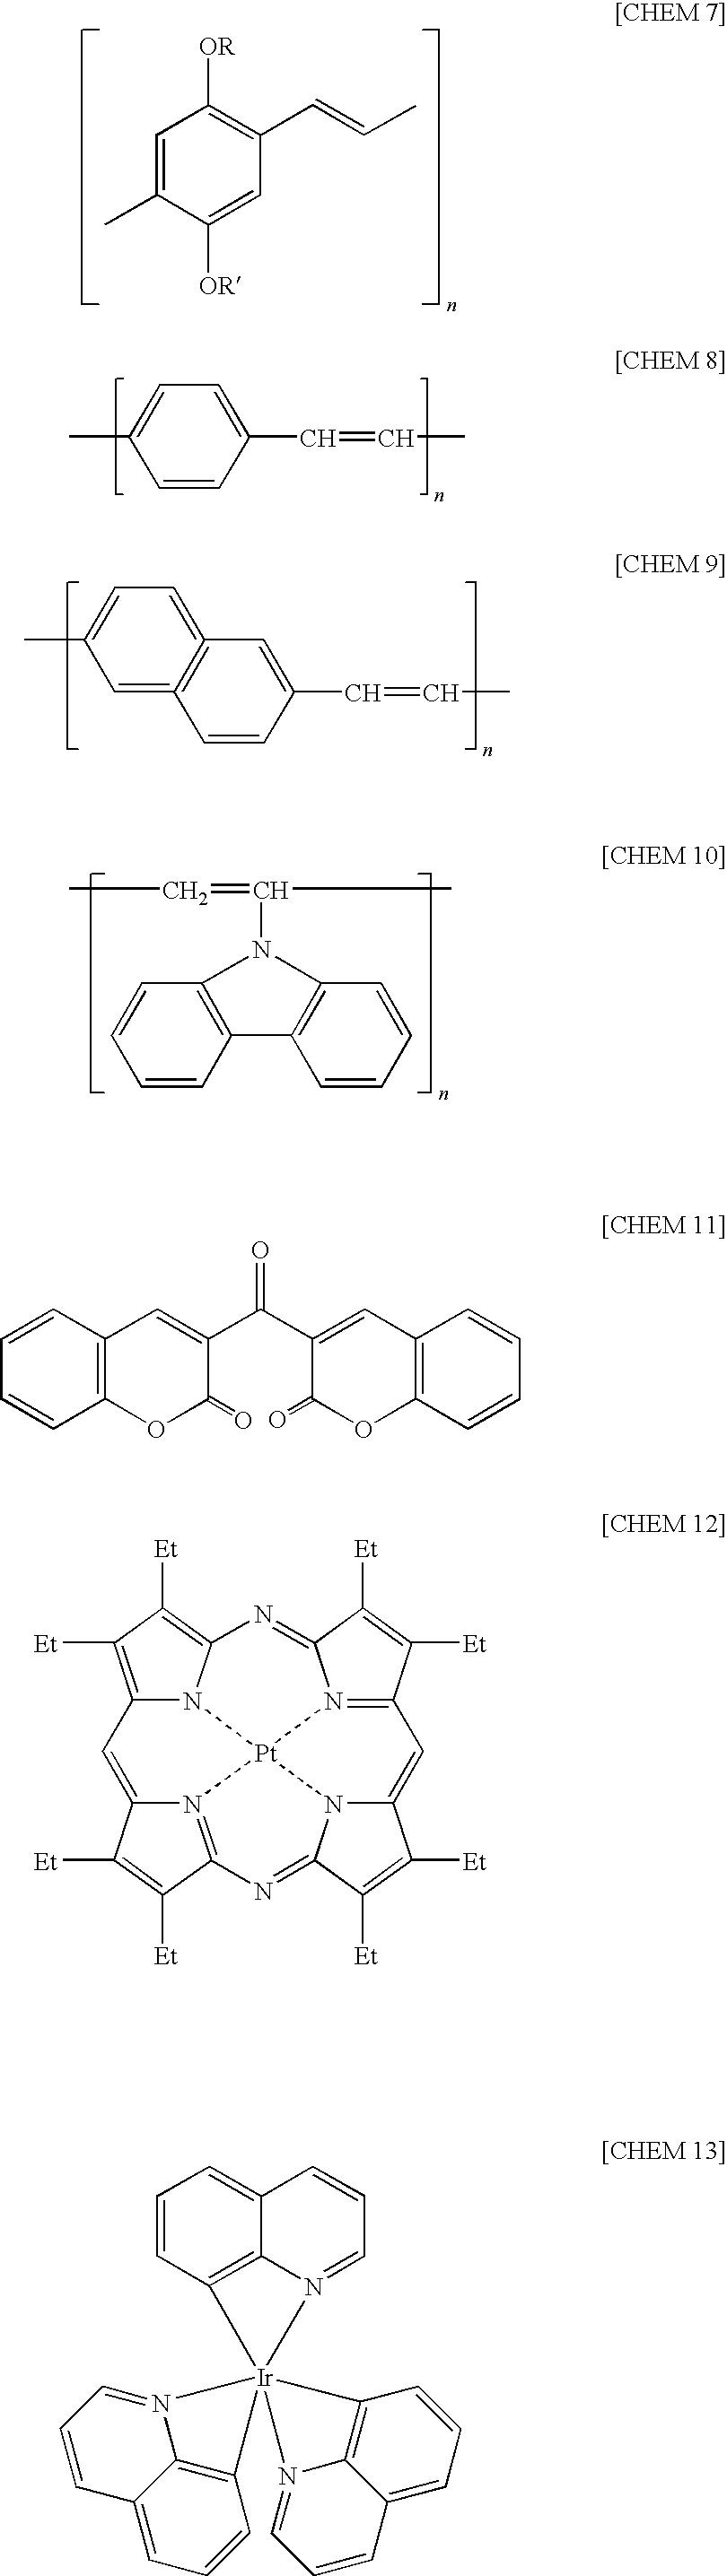 Figure US07880167-20110201-C00002